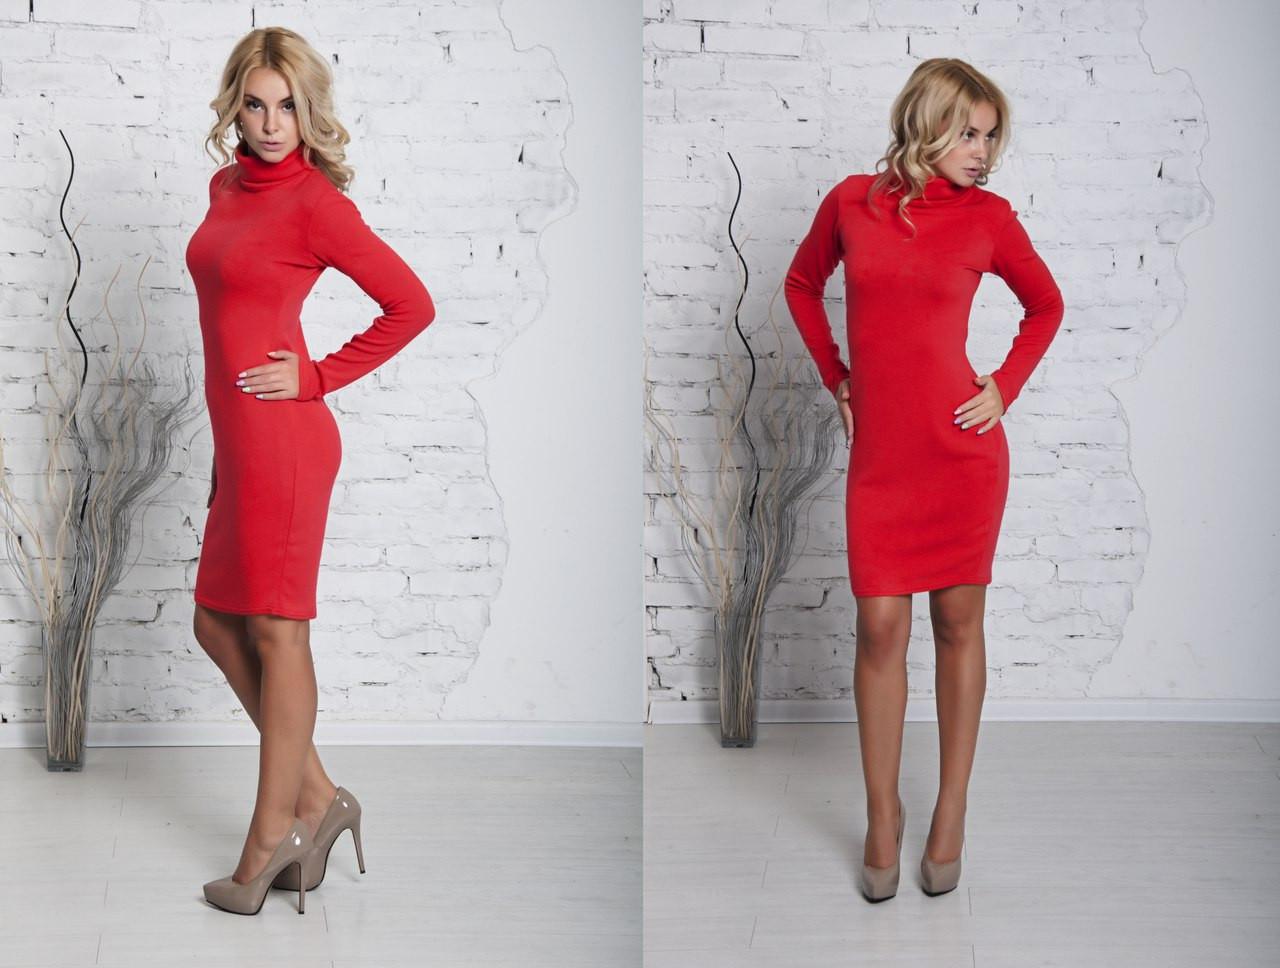 b73278559d92e0c Короткое красное платье ангора — купить недорого в Харькове в ...